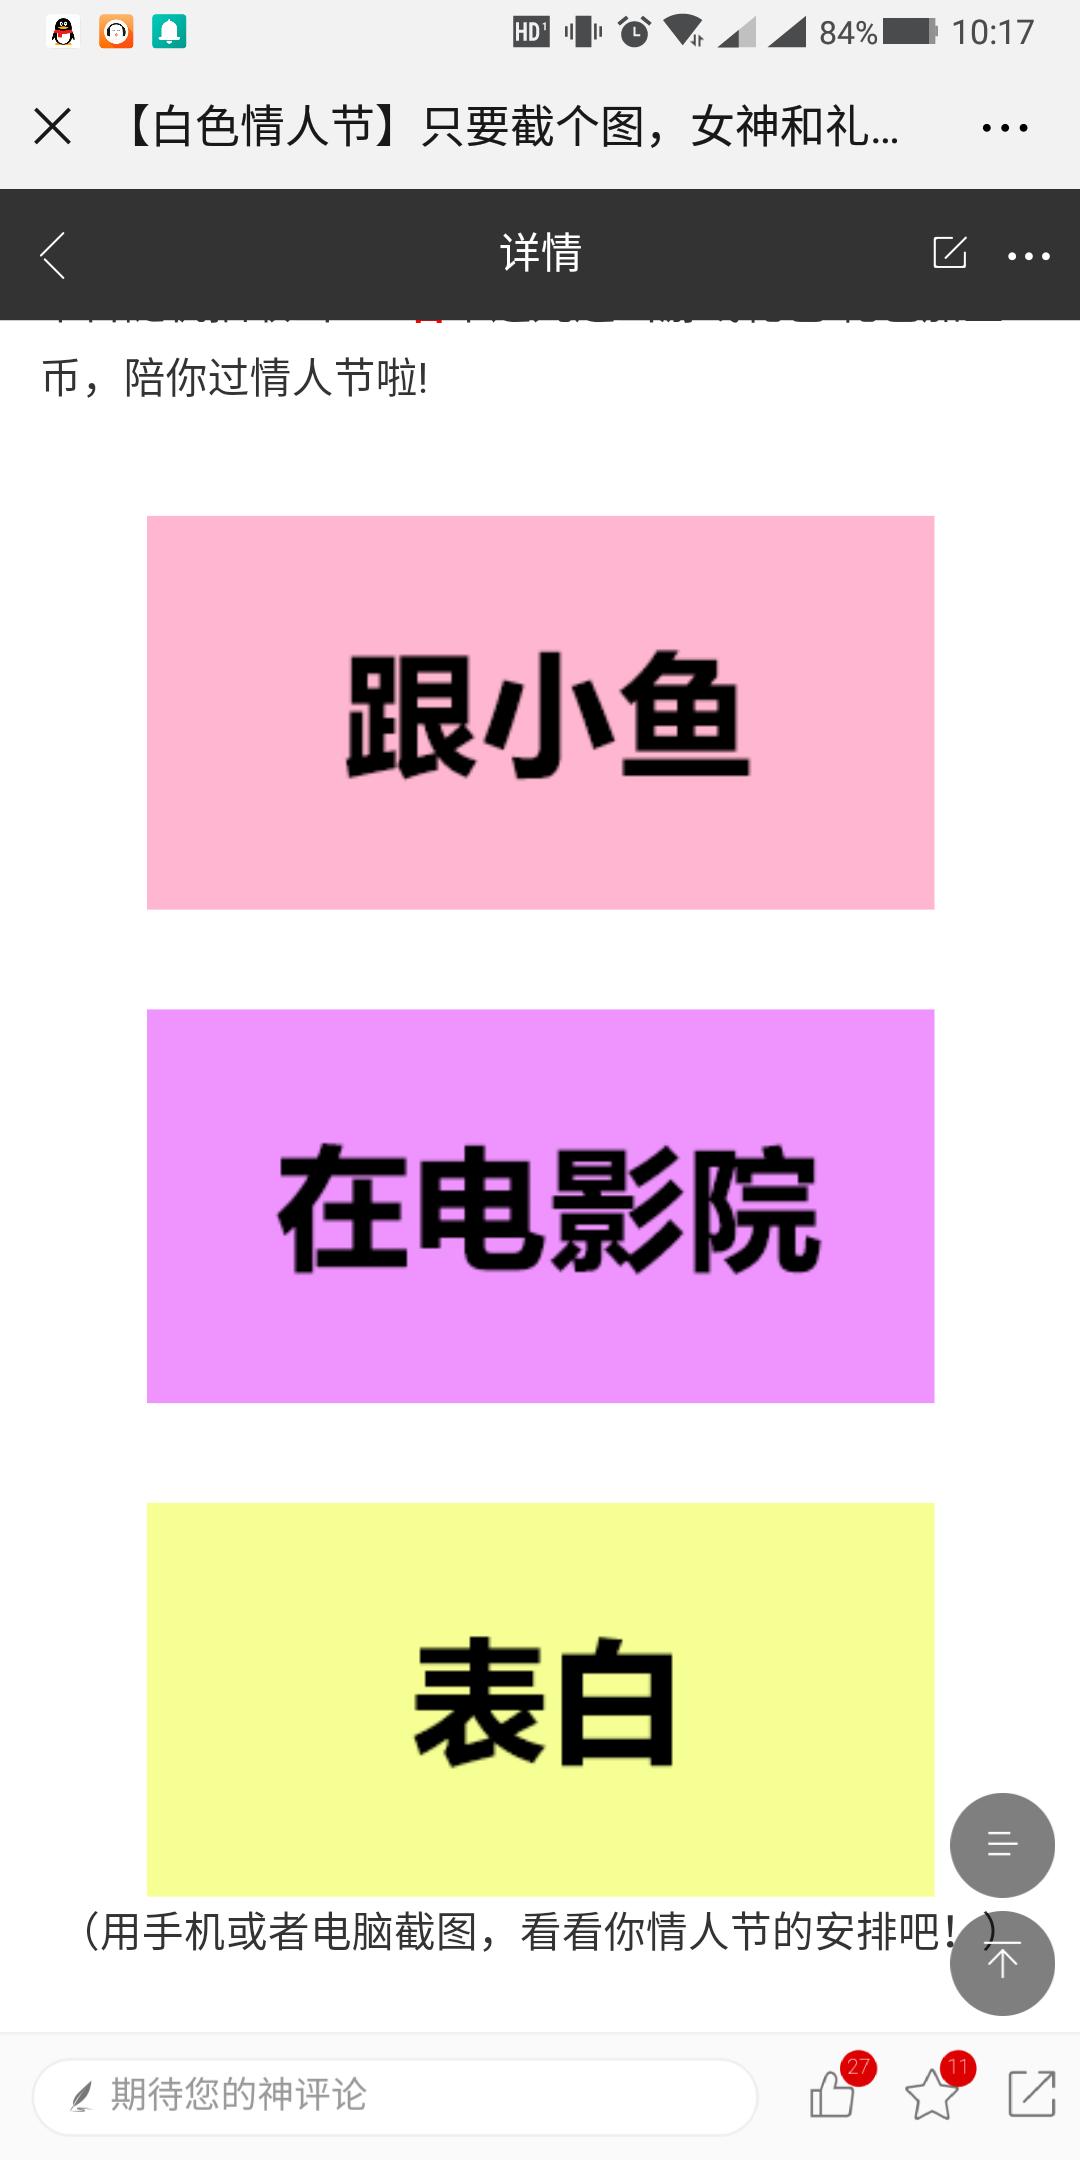 Screenshot_2019-03-14-10-17-29-111_com.tencent.mm.png